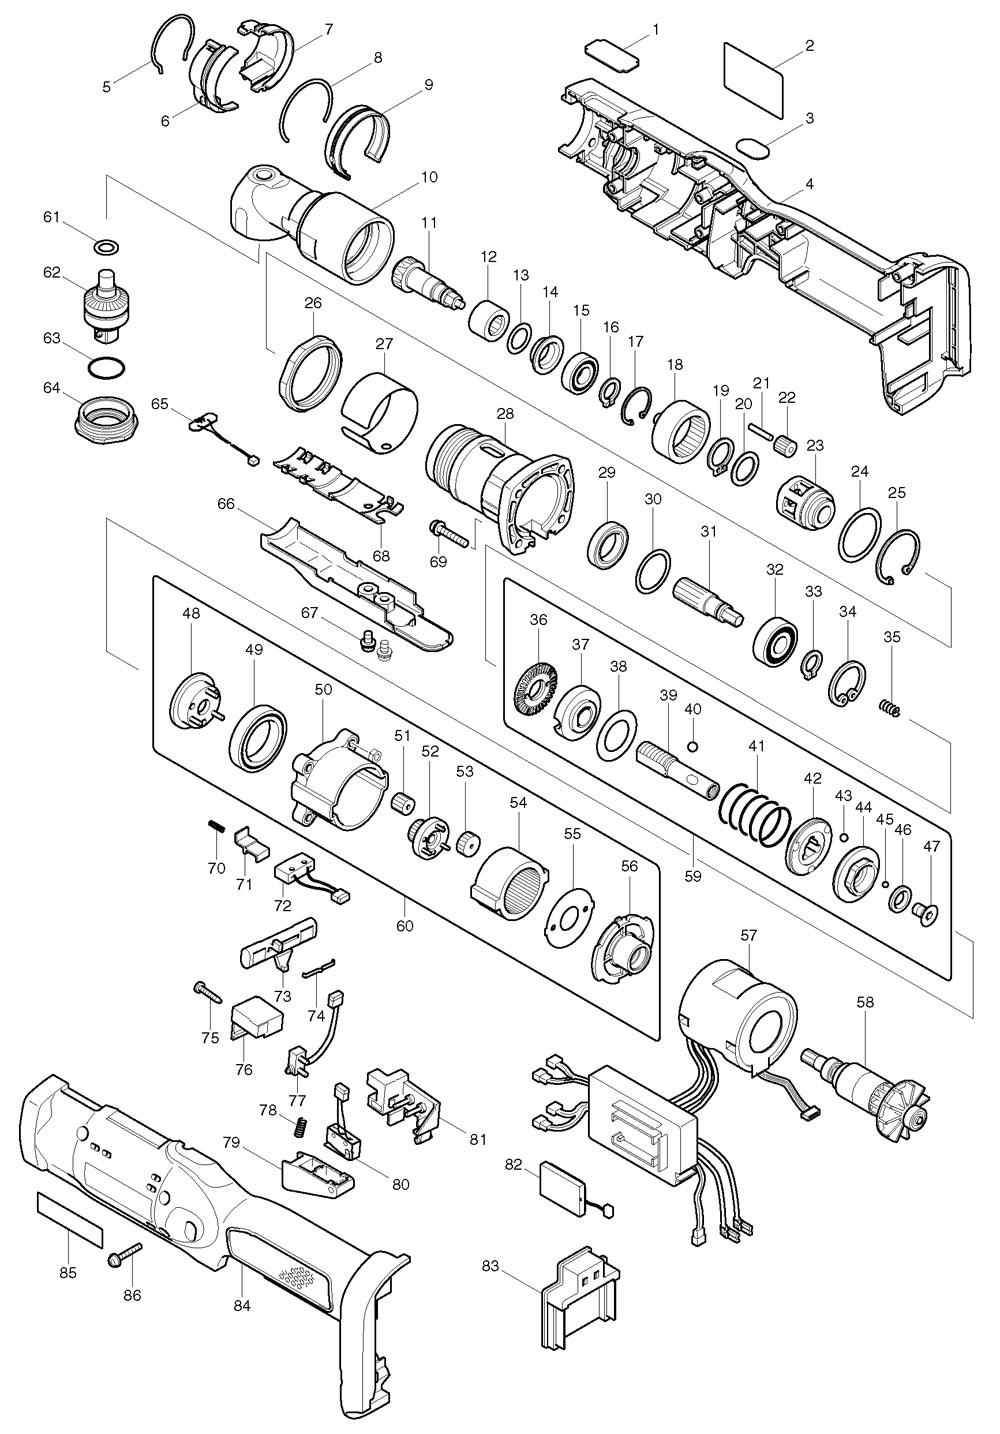 Makita BFL400F 14.4v Cordless Angle Drill 3/8 Spare Parts